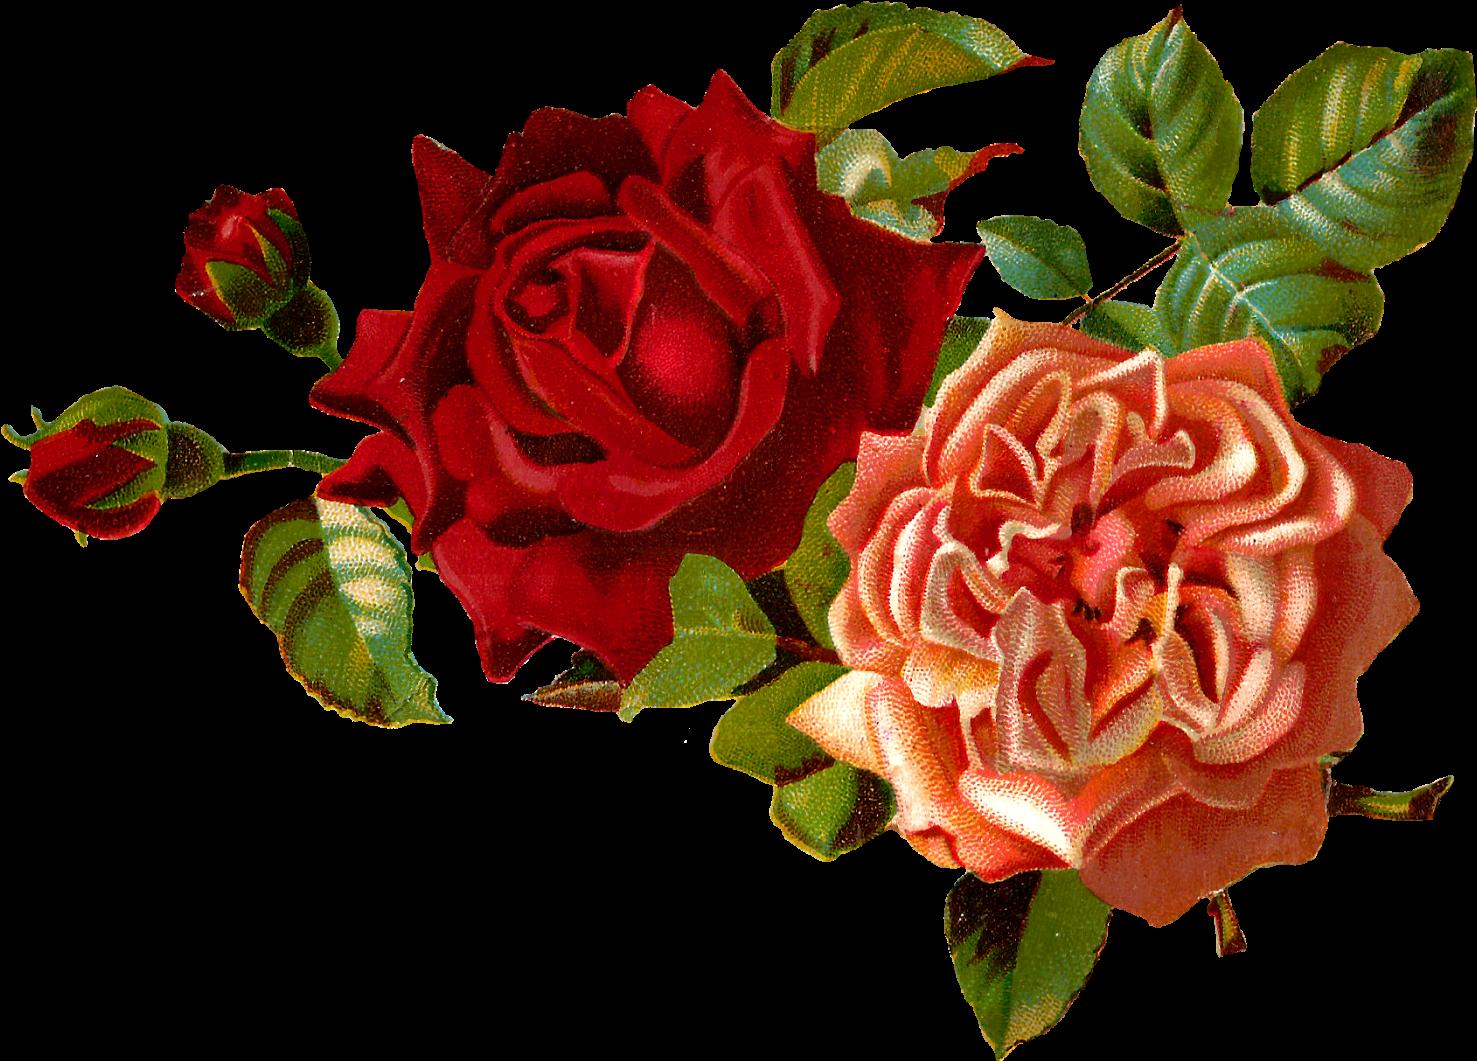 Red Flower Clipart Vintage Red Transparent Vintage Flowers Png